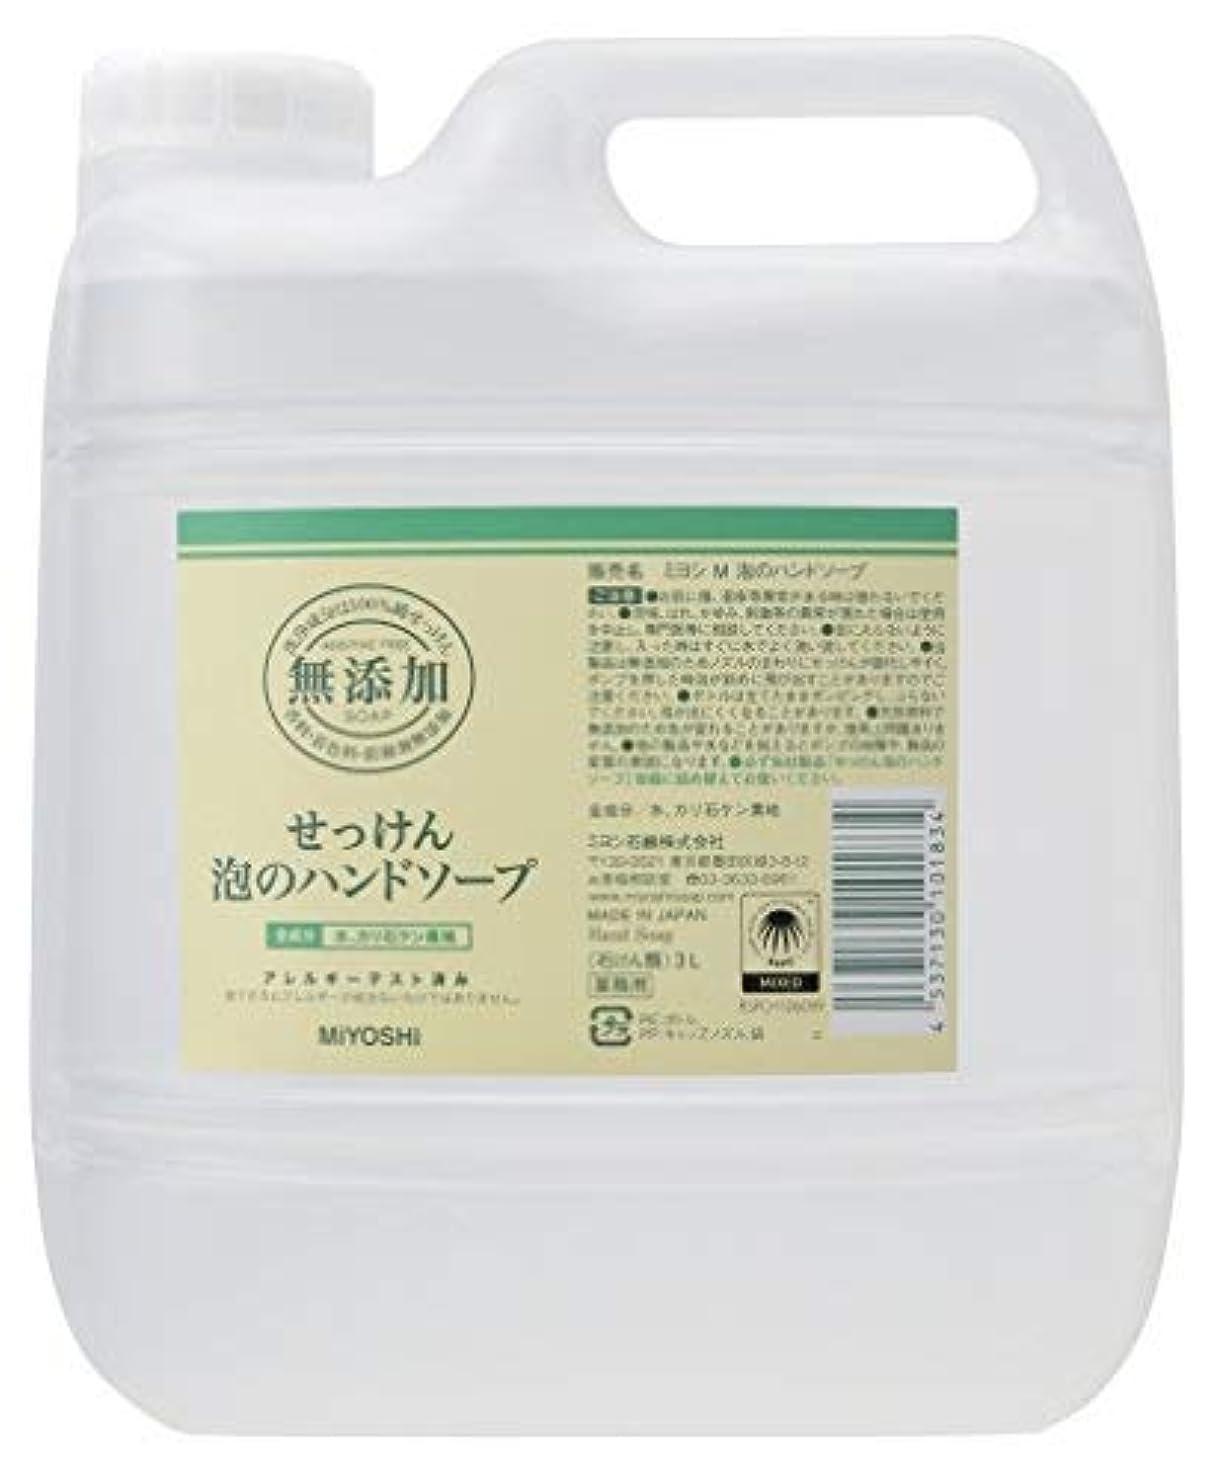 火山の活性化するペイン【まとめ買い】無添加せっけん泡のハンドソープ 3L ×7個